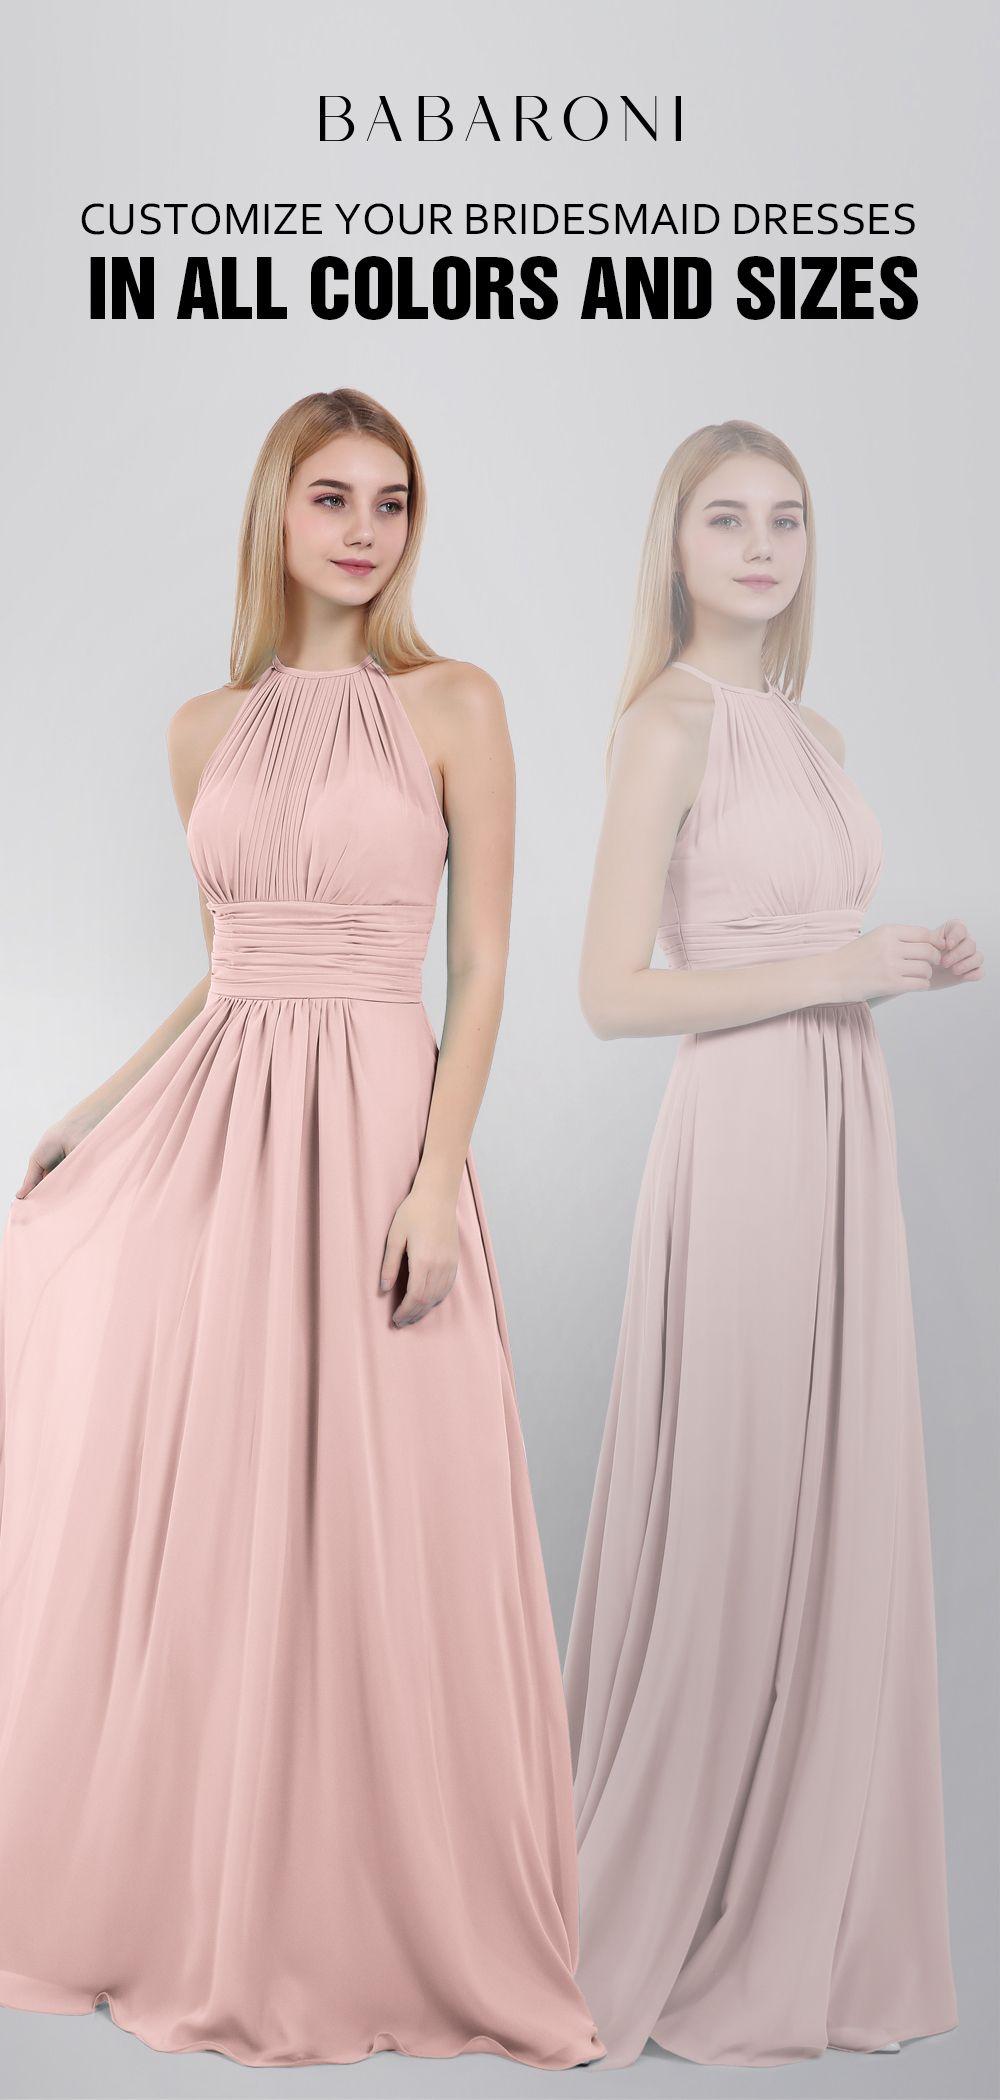 fed6b69c0c7b6 Halter Chiffon Maxi Dress of Bridesmaid #bridesmaid #bridesmaids  #junglegreen #babaroni #wedding #cheapbridesmaiddress #chiffon #girl  #fashion #weddings ...